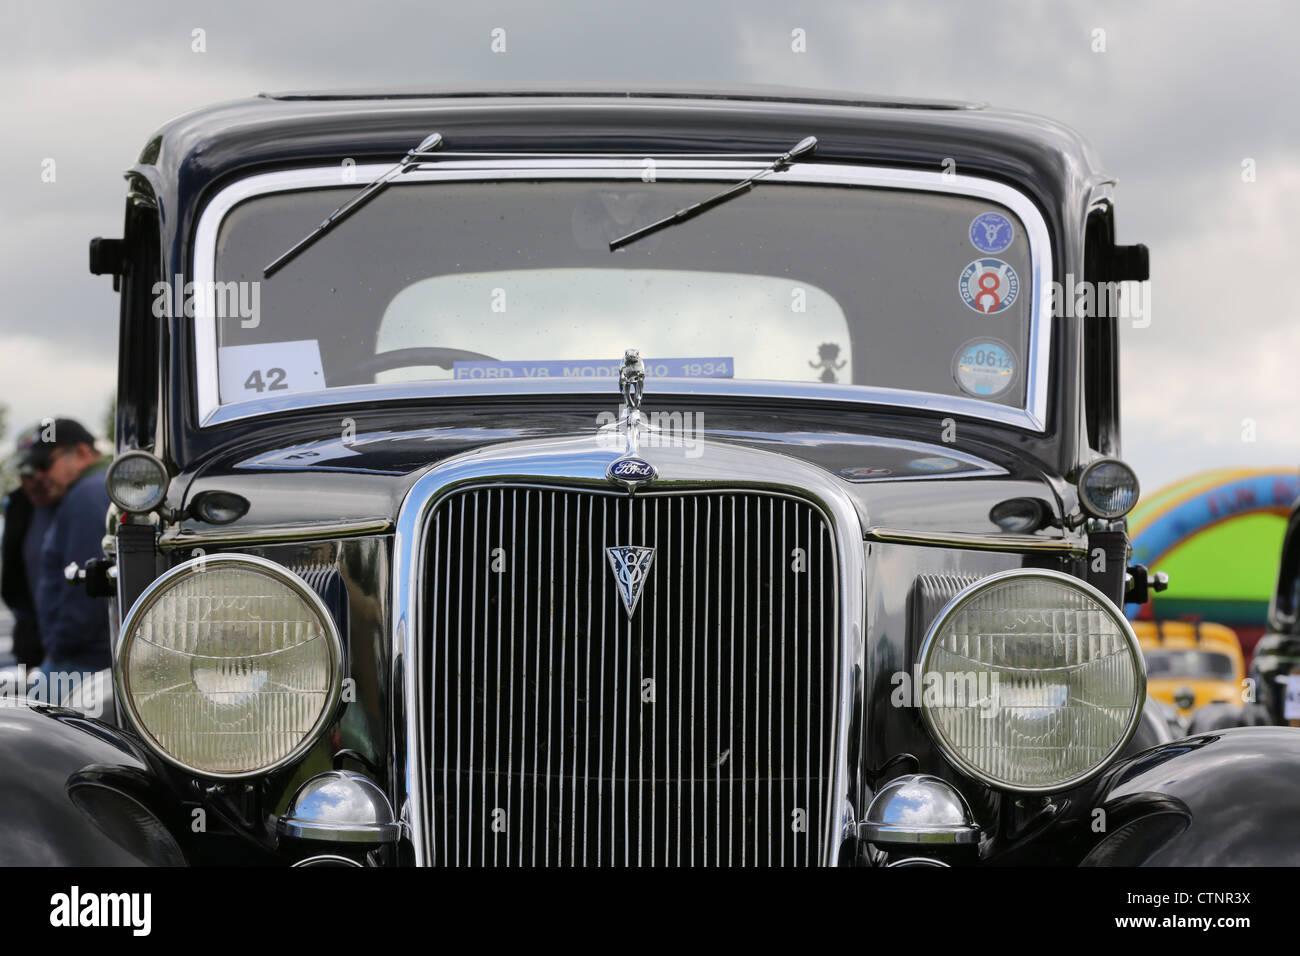 V8 Car Stock Photos & V8 Car Stock Images - Alamy